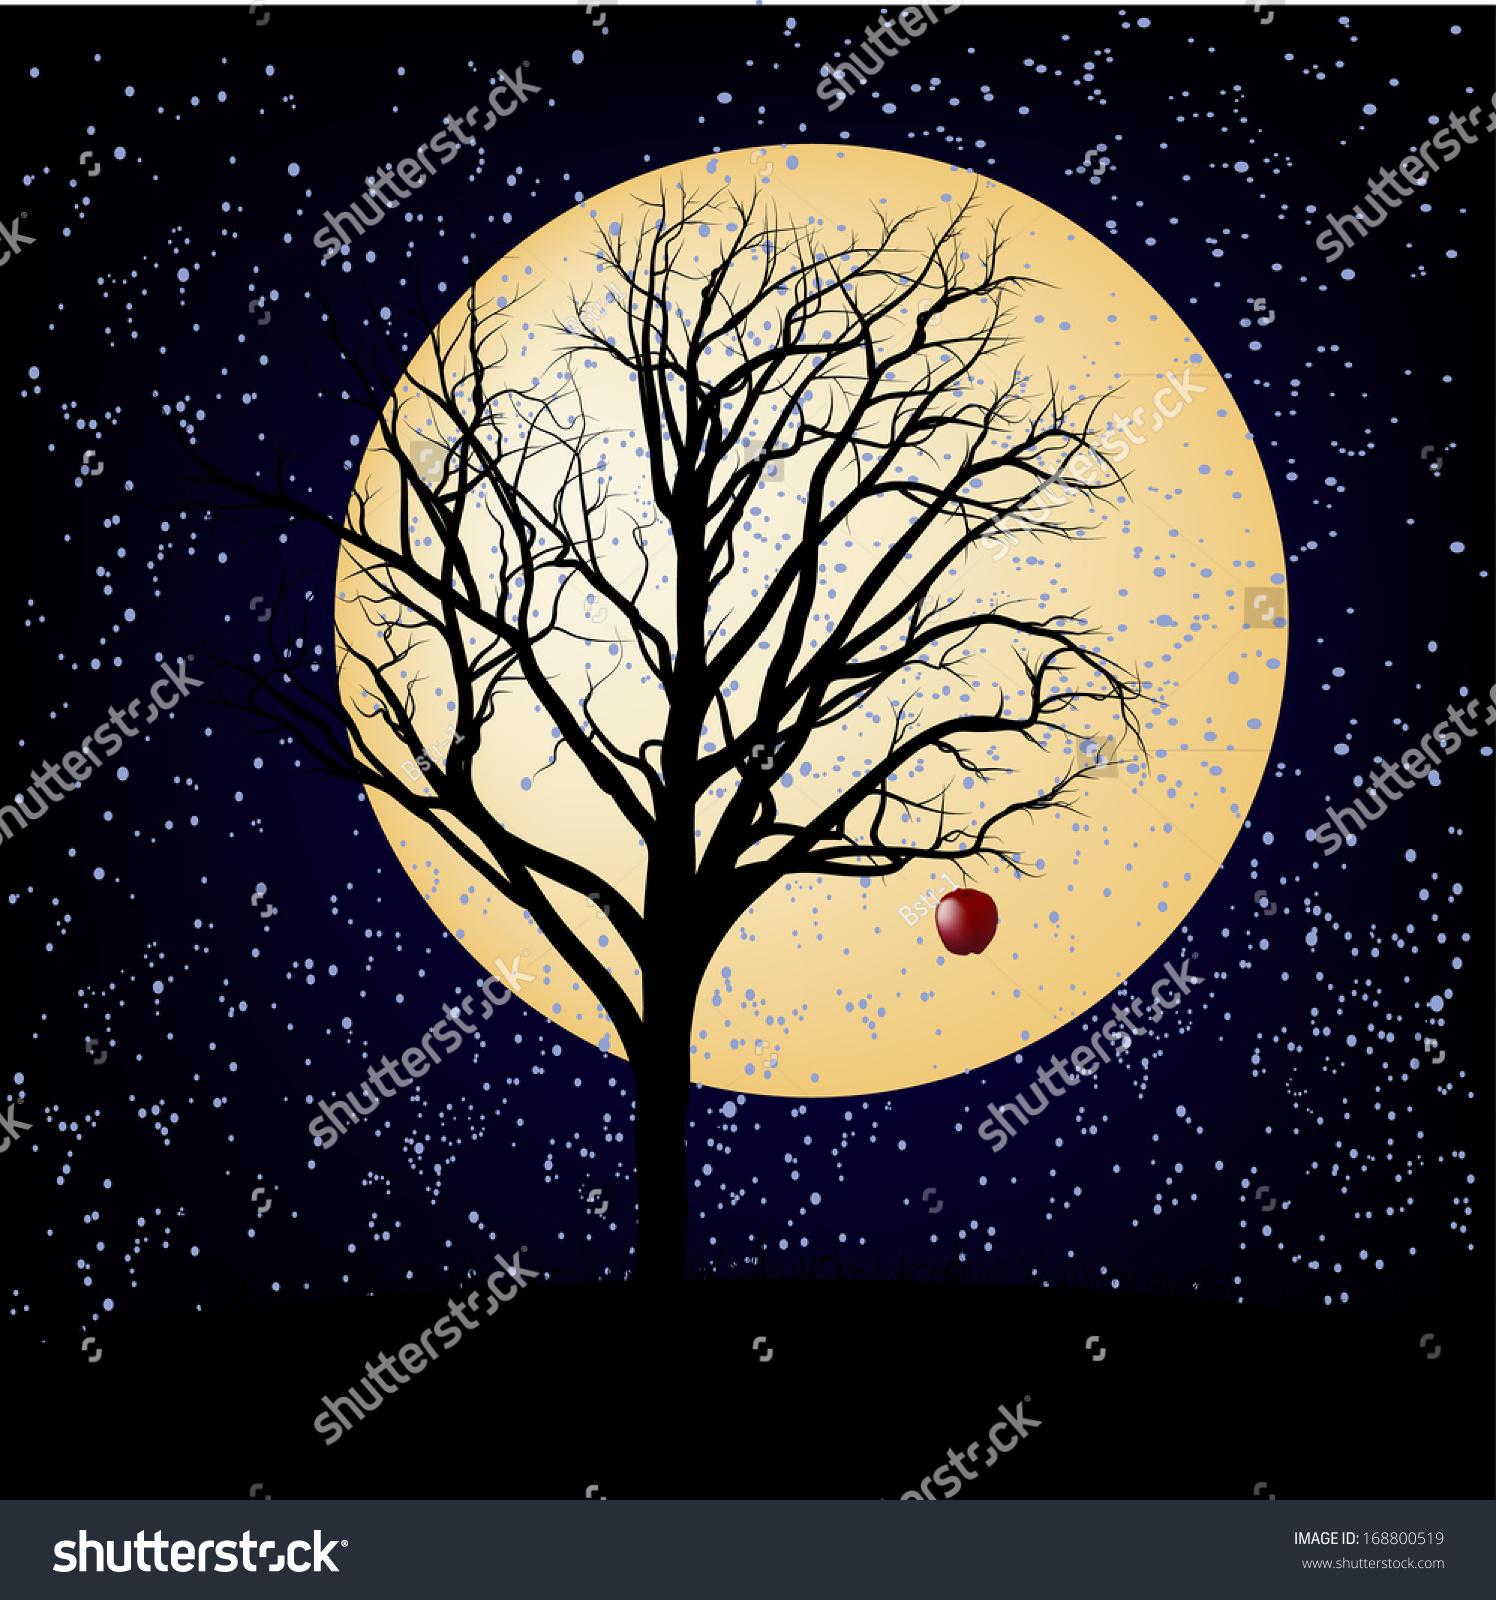 裸露的苹果树的明星-自然,公园/户外-海洛创意()-中国